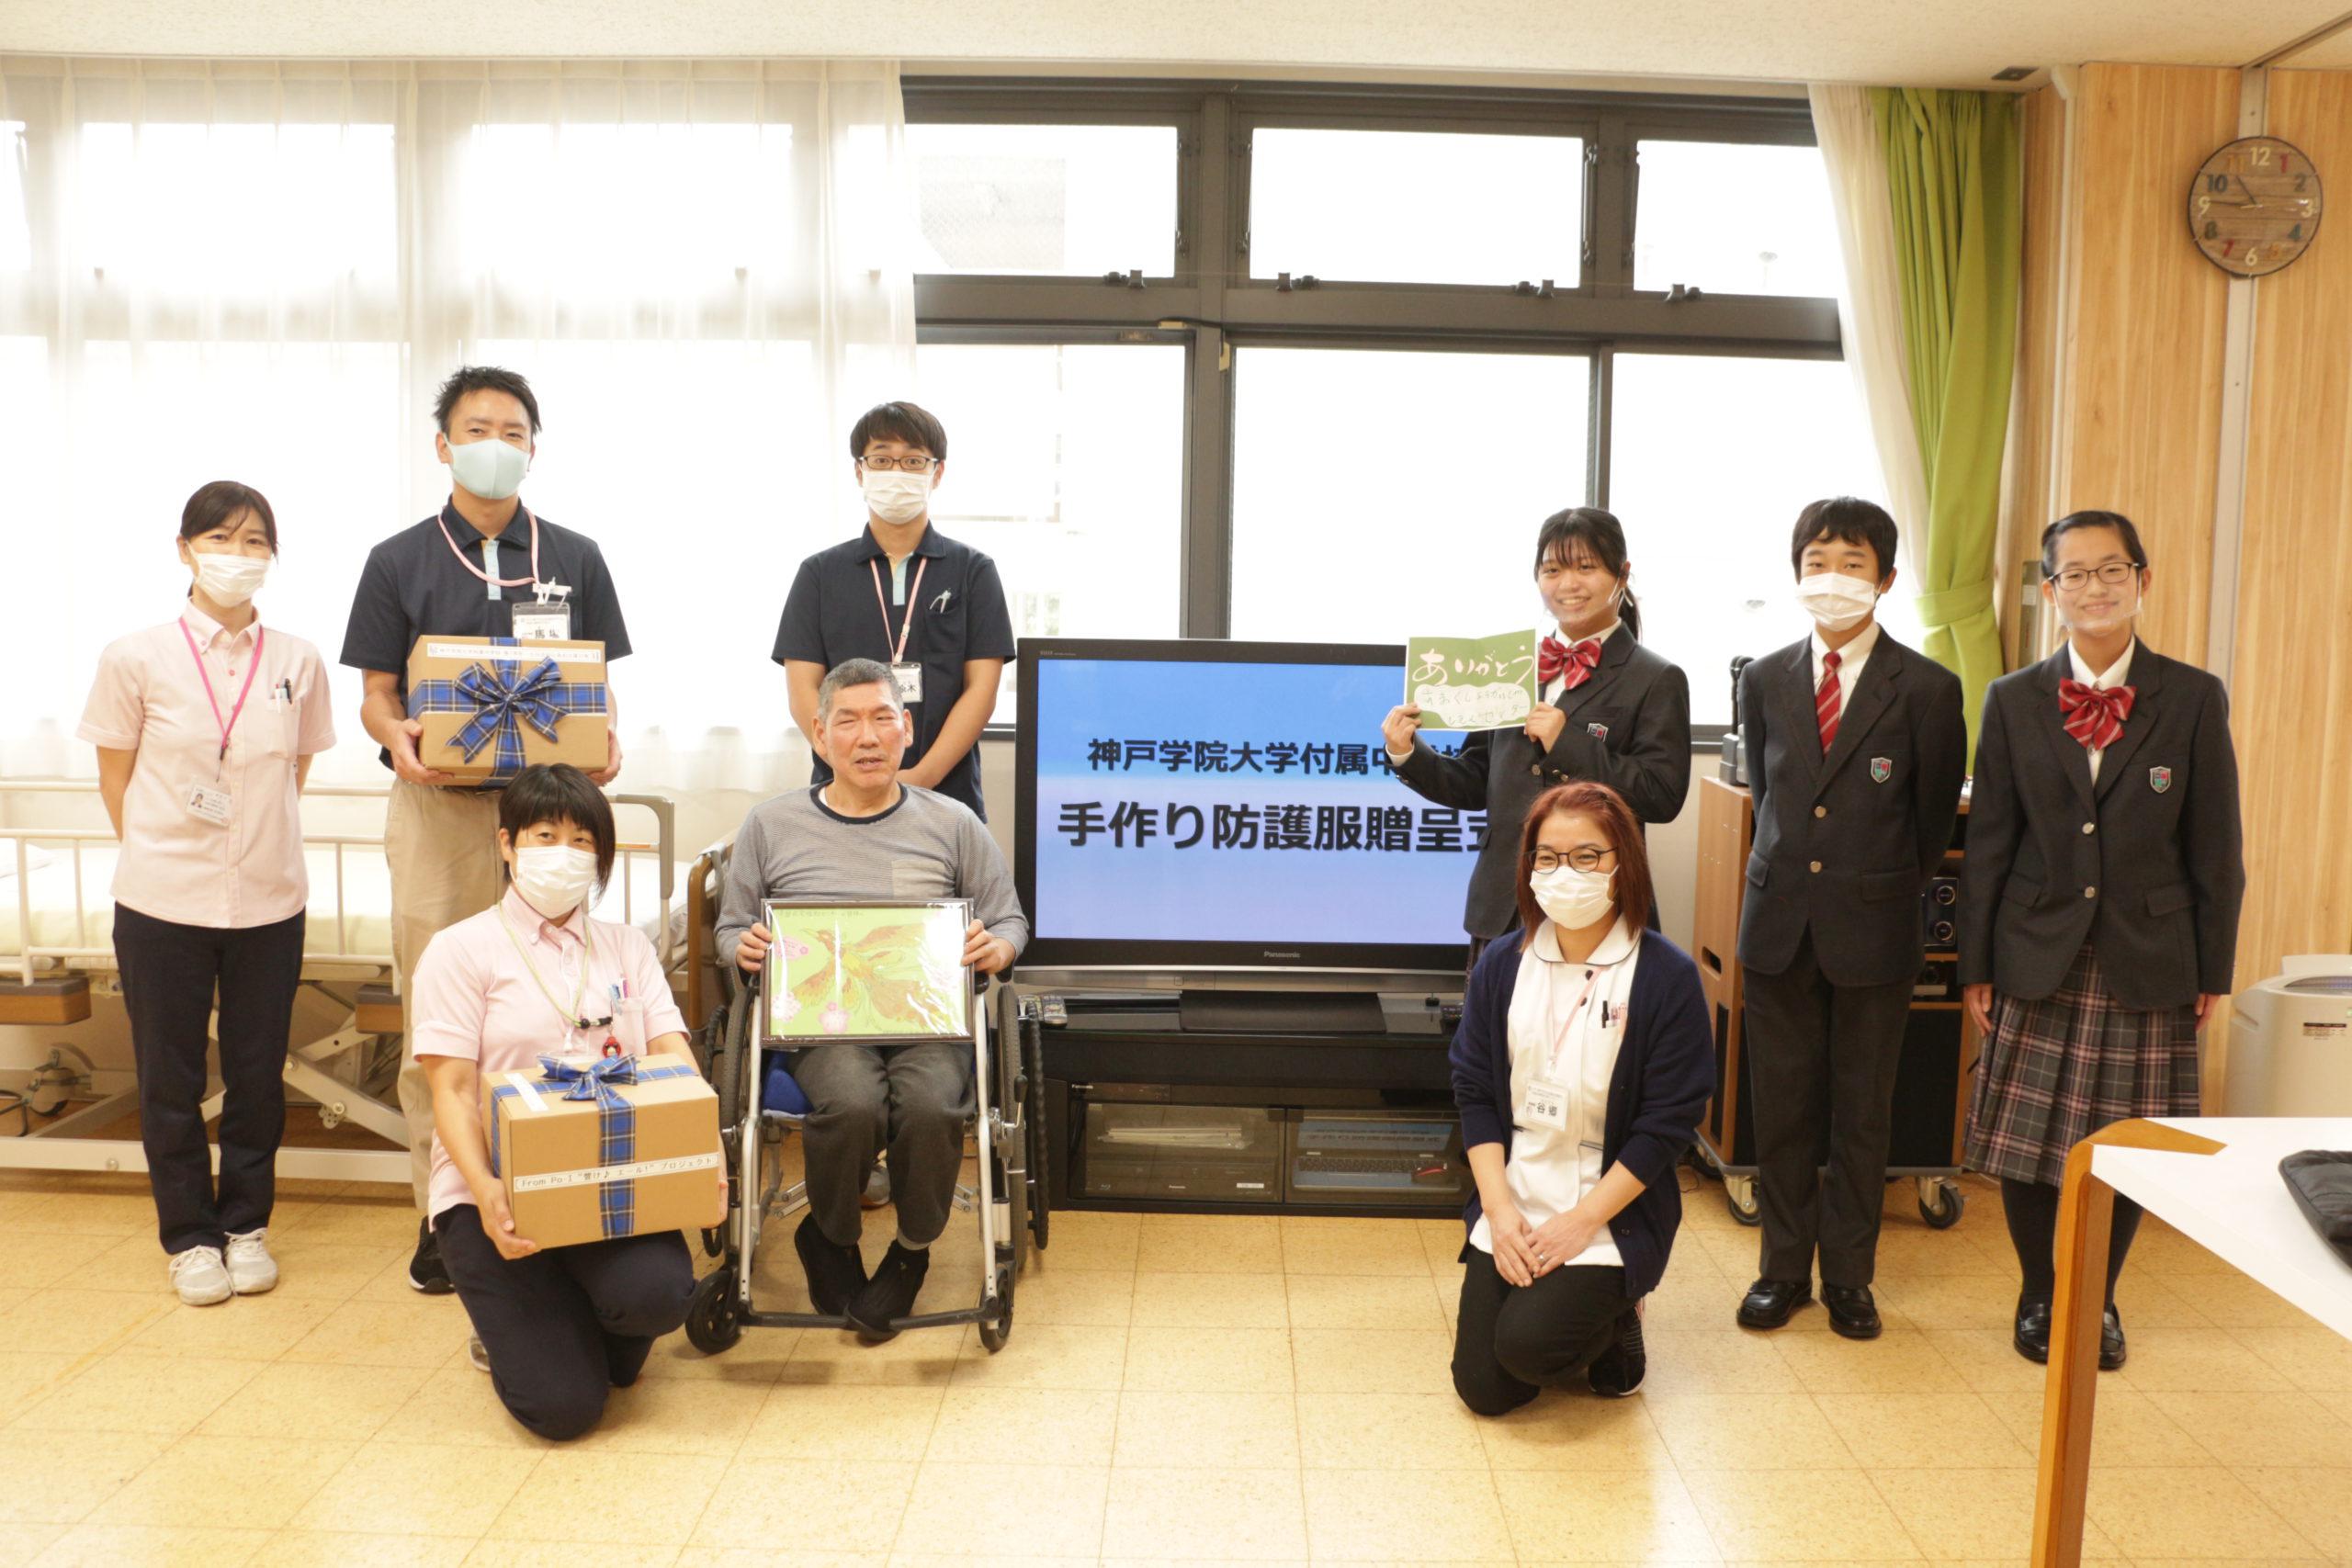 大学 神戸 中学校 学院 附属